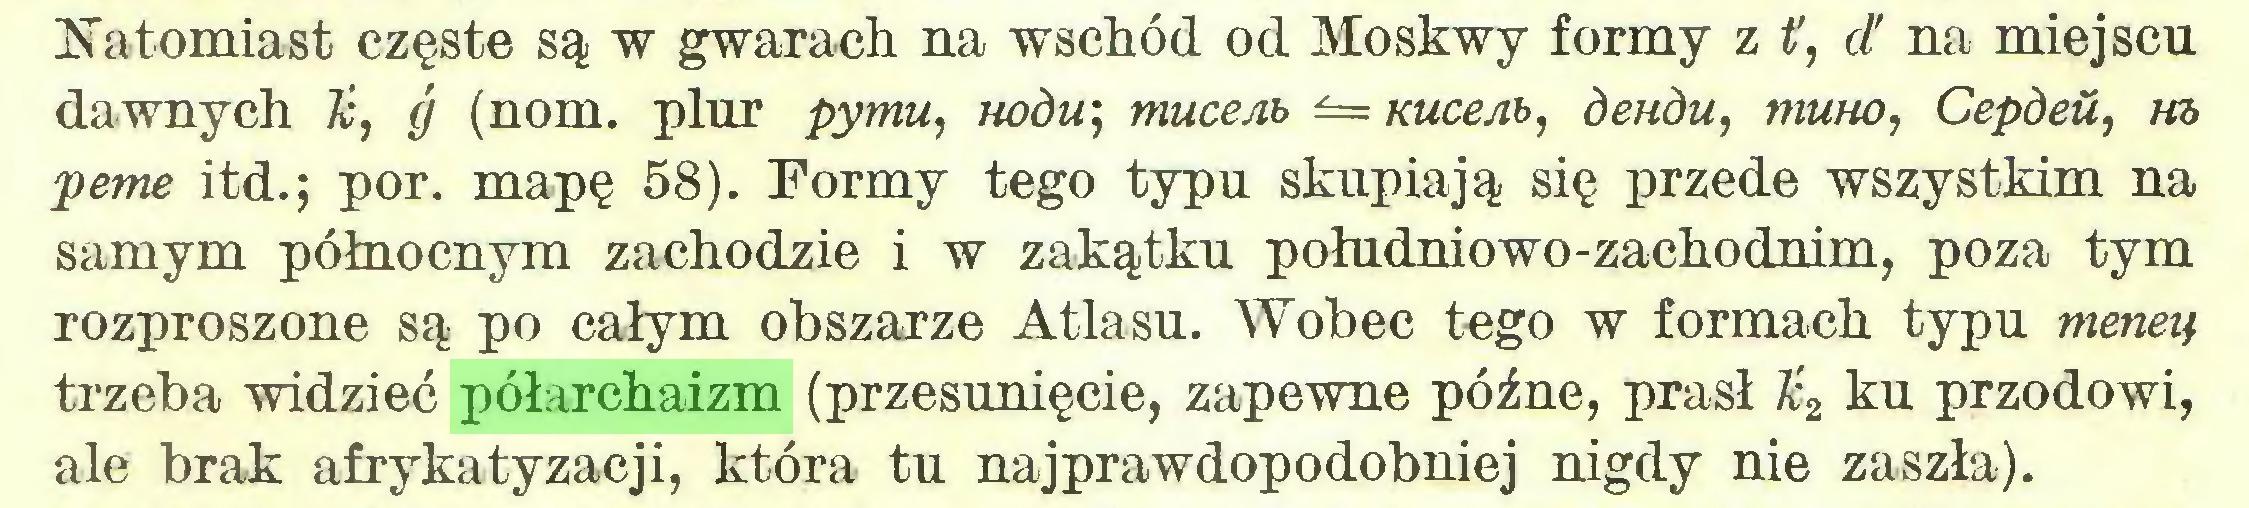 (...) Natomiast częste są w gwarach na wschód od Moskwy formy z i', d' na miejscu dawnych k, g (nom. plur pymu, nodu; muce Ab Kuce Ab, deudu, muno, Cepdeił, ta peme itd.; por. mapę 58). Formy tego typu skupiają się przede wszystkim na samym północnym zachodzie i w zakątku południowo-zachodnim, poza tym rozproszone są po całym obszarze Atlasu. Wobec tego w formach typu meneą trzeba widzieć półarchaizm (przesunięcie, zapewne późne, prasł Jć2 ku przodowi, ale brak afrykatyzacji, która tu najprawdopodobniej nigdy nie zaszła)...